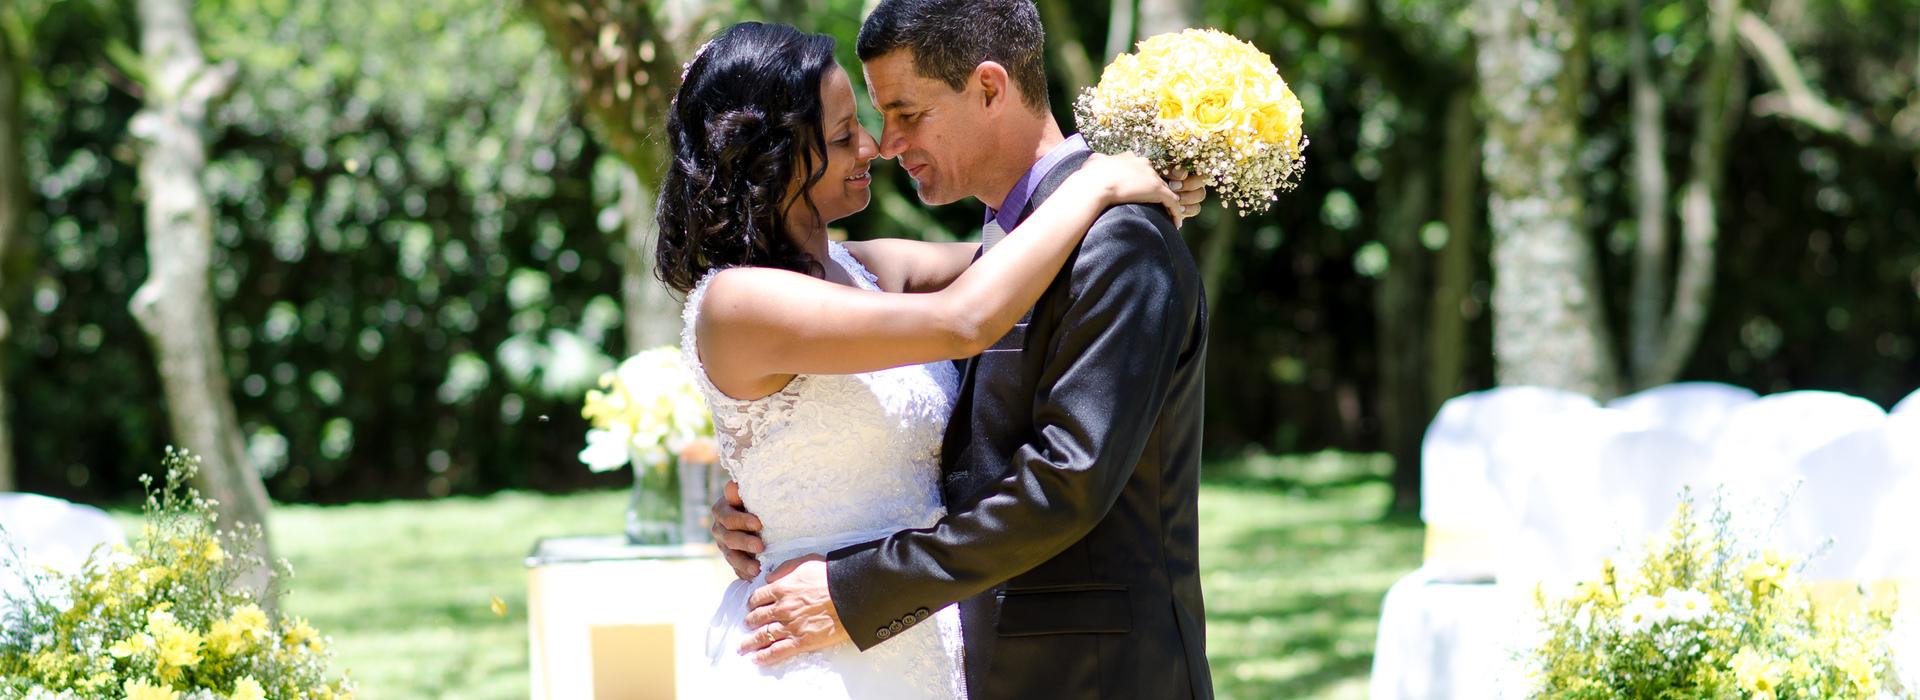 casamento de Bartolomeu e Adriana em Sitio Azaleia - Arujá SP